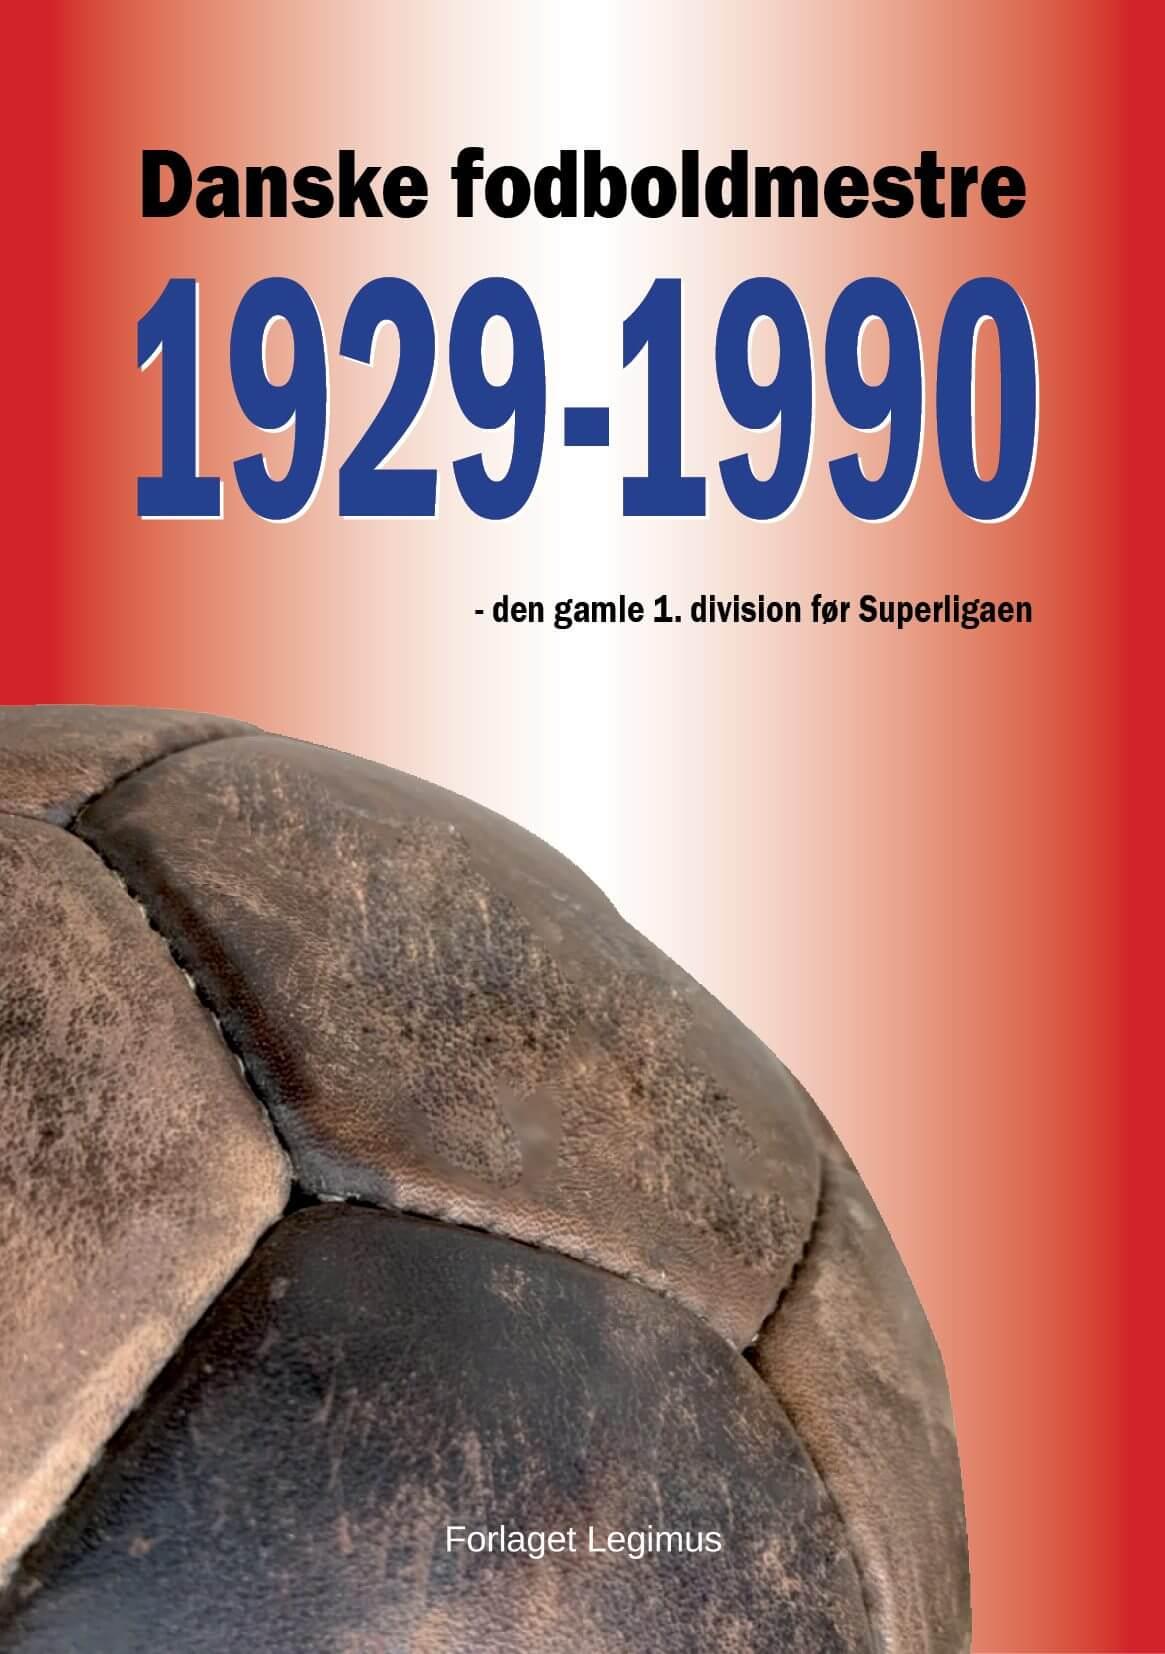 Ny bog går bag om den gamle 1. division i fodbold